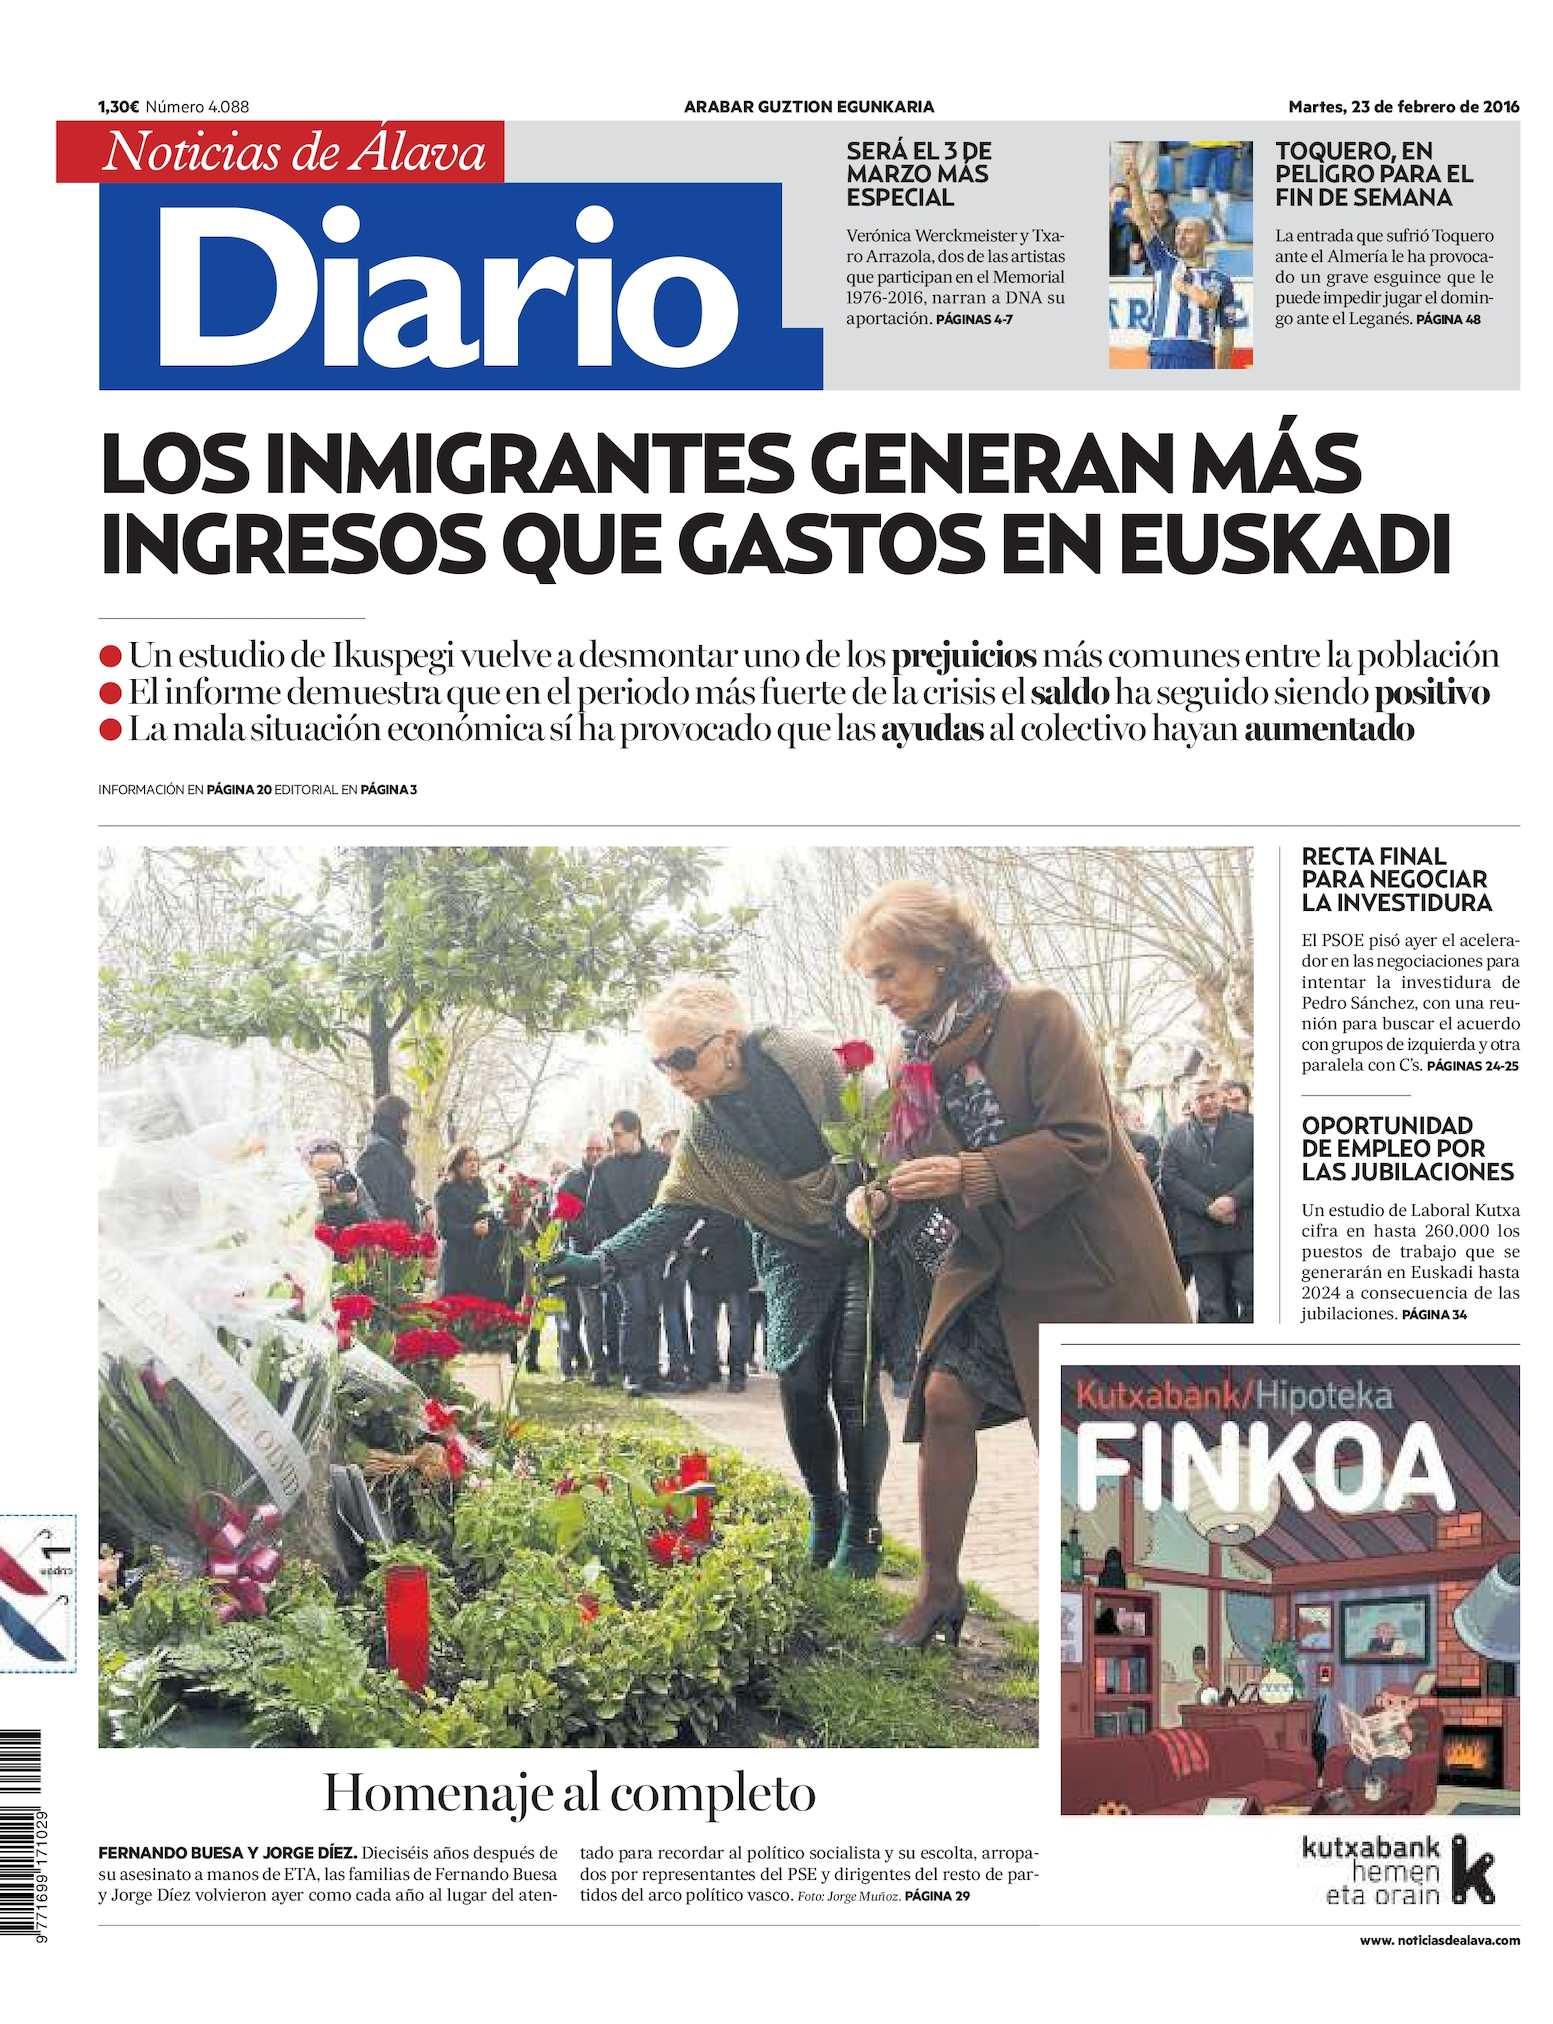 c7a73a163a Calaméo - Diario de Noticias de Álava 20160223